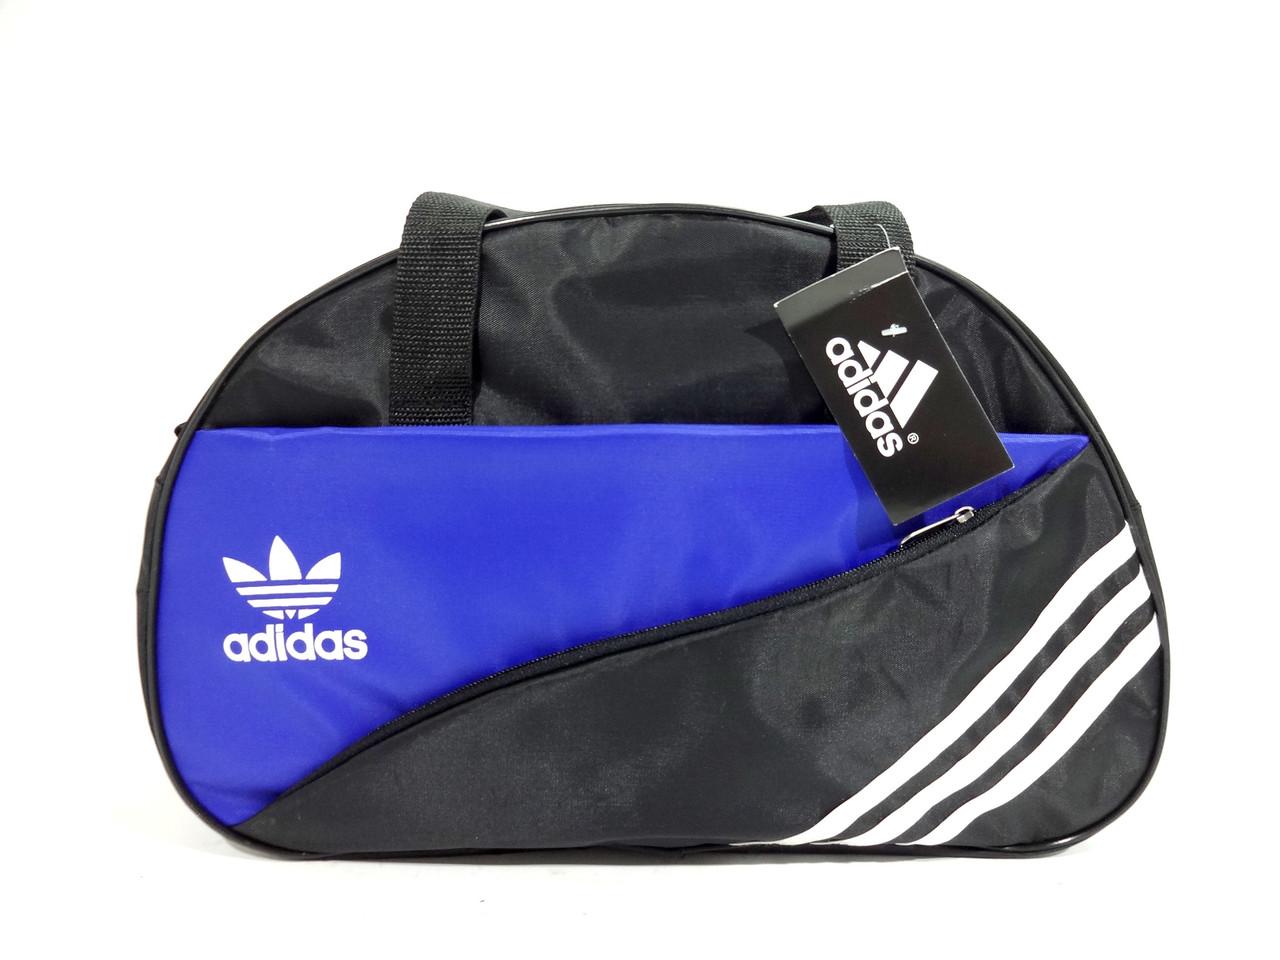 Спортивная черная с синим сумка Adidas (Адидас) с длинным ремнем. Недорого реплика